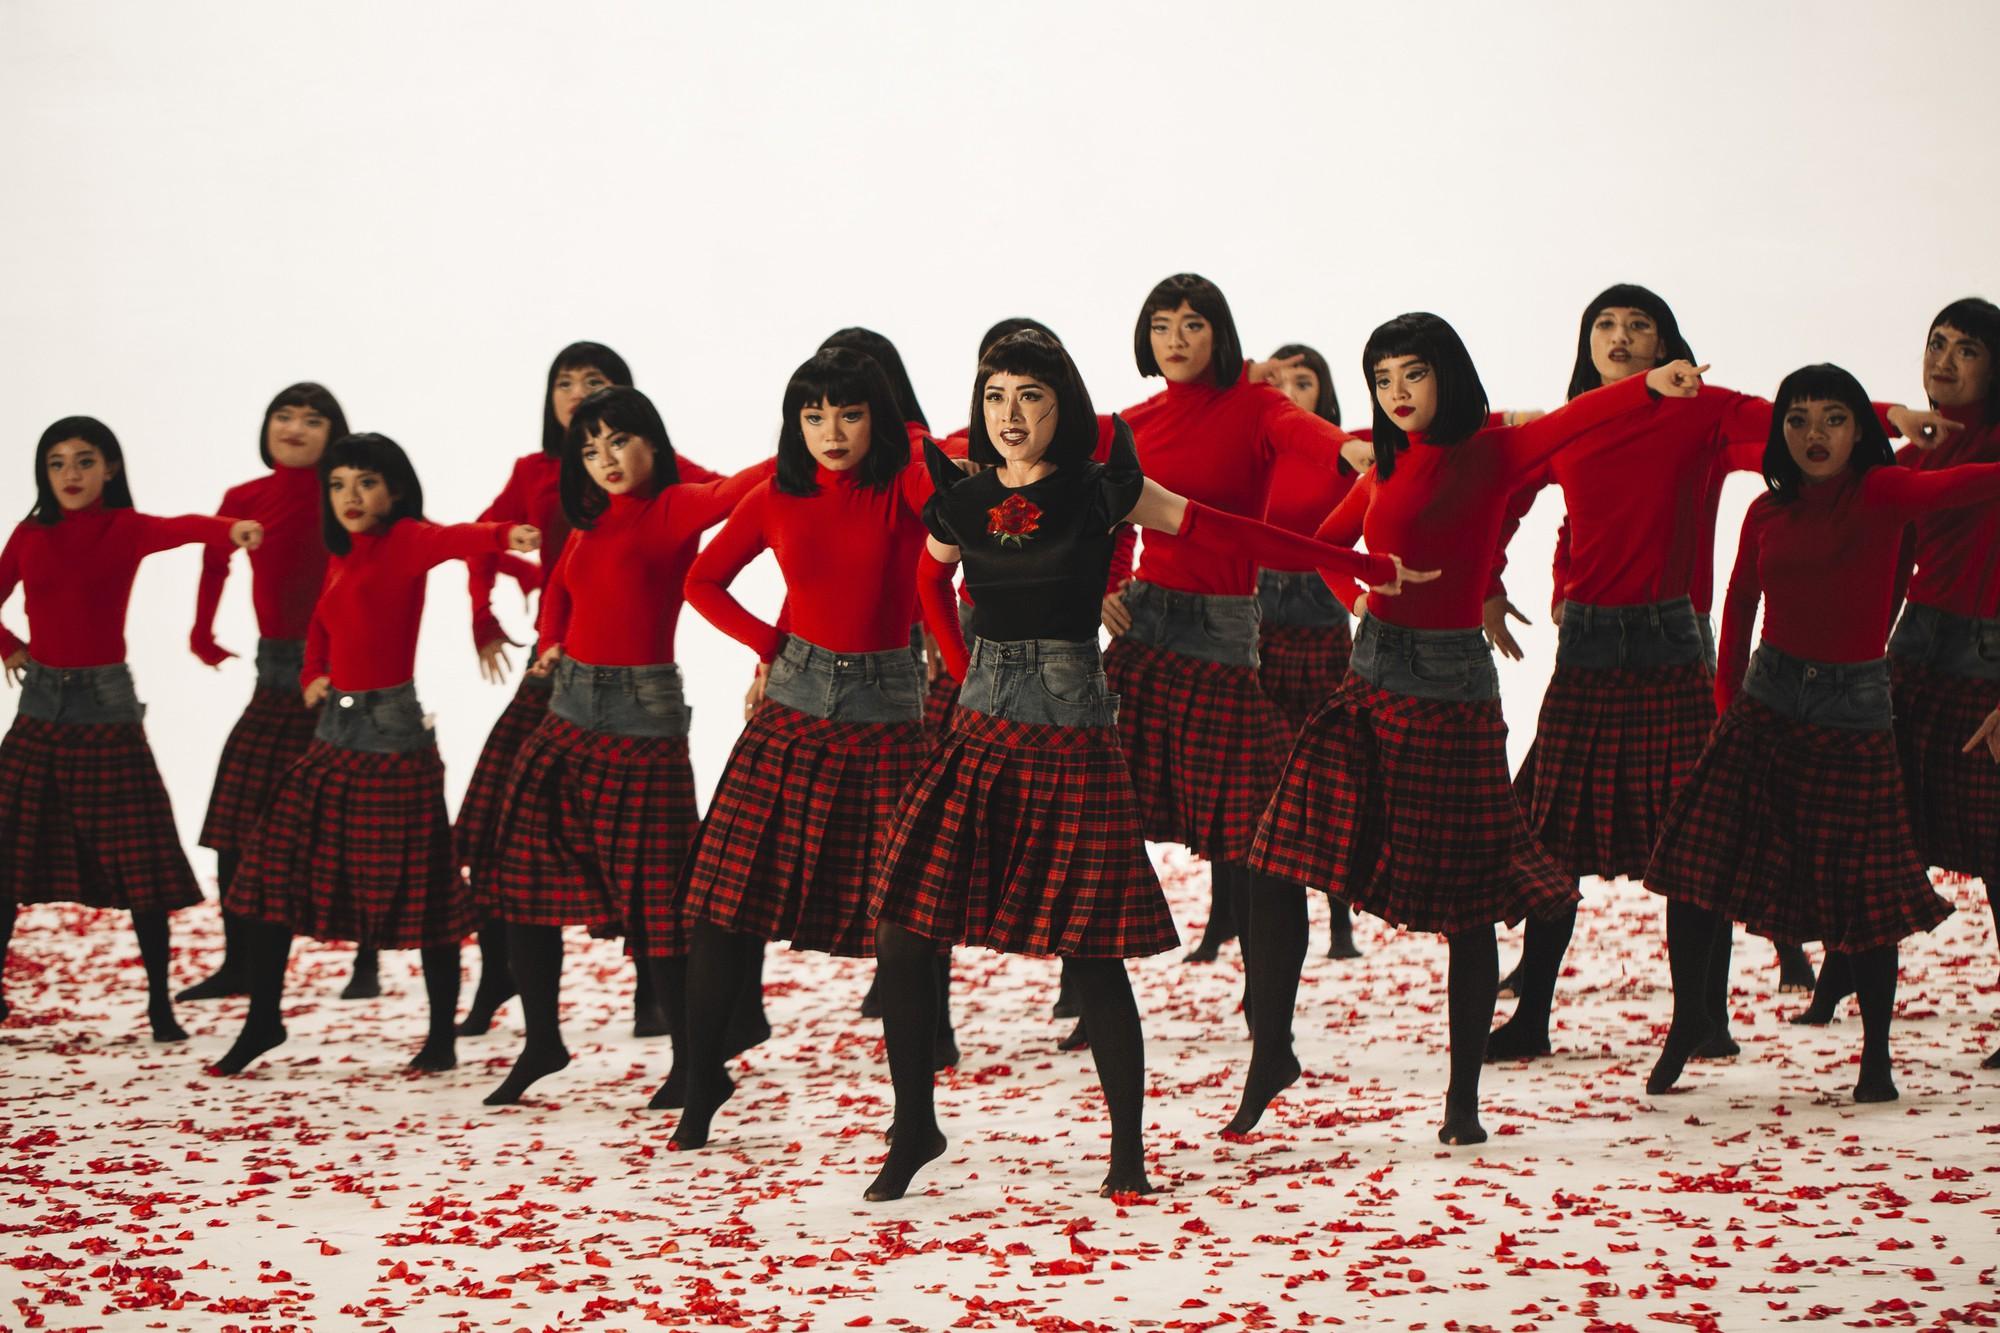 Chi Pu tung MV Dance lạ mắt với vũ đạo độc đáo, thực hiện 2 phiên bản cho sản phẩm trở lại - Ảnh 3.